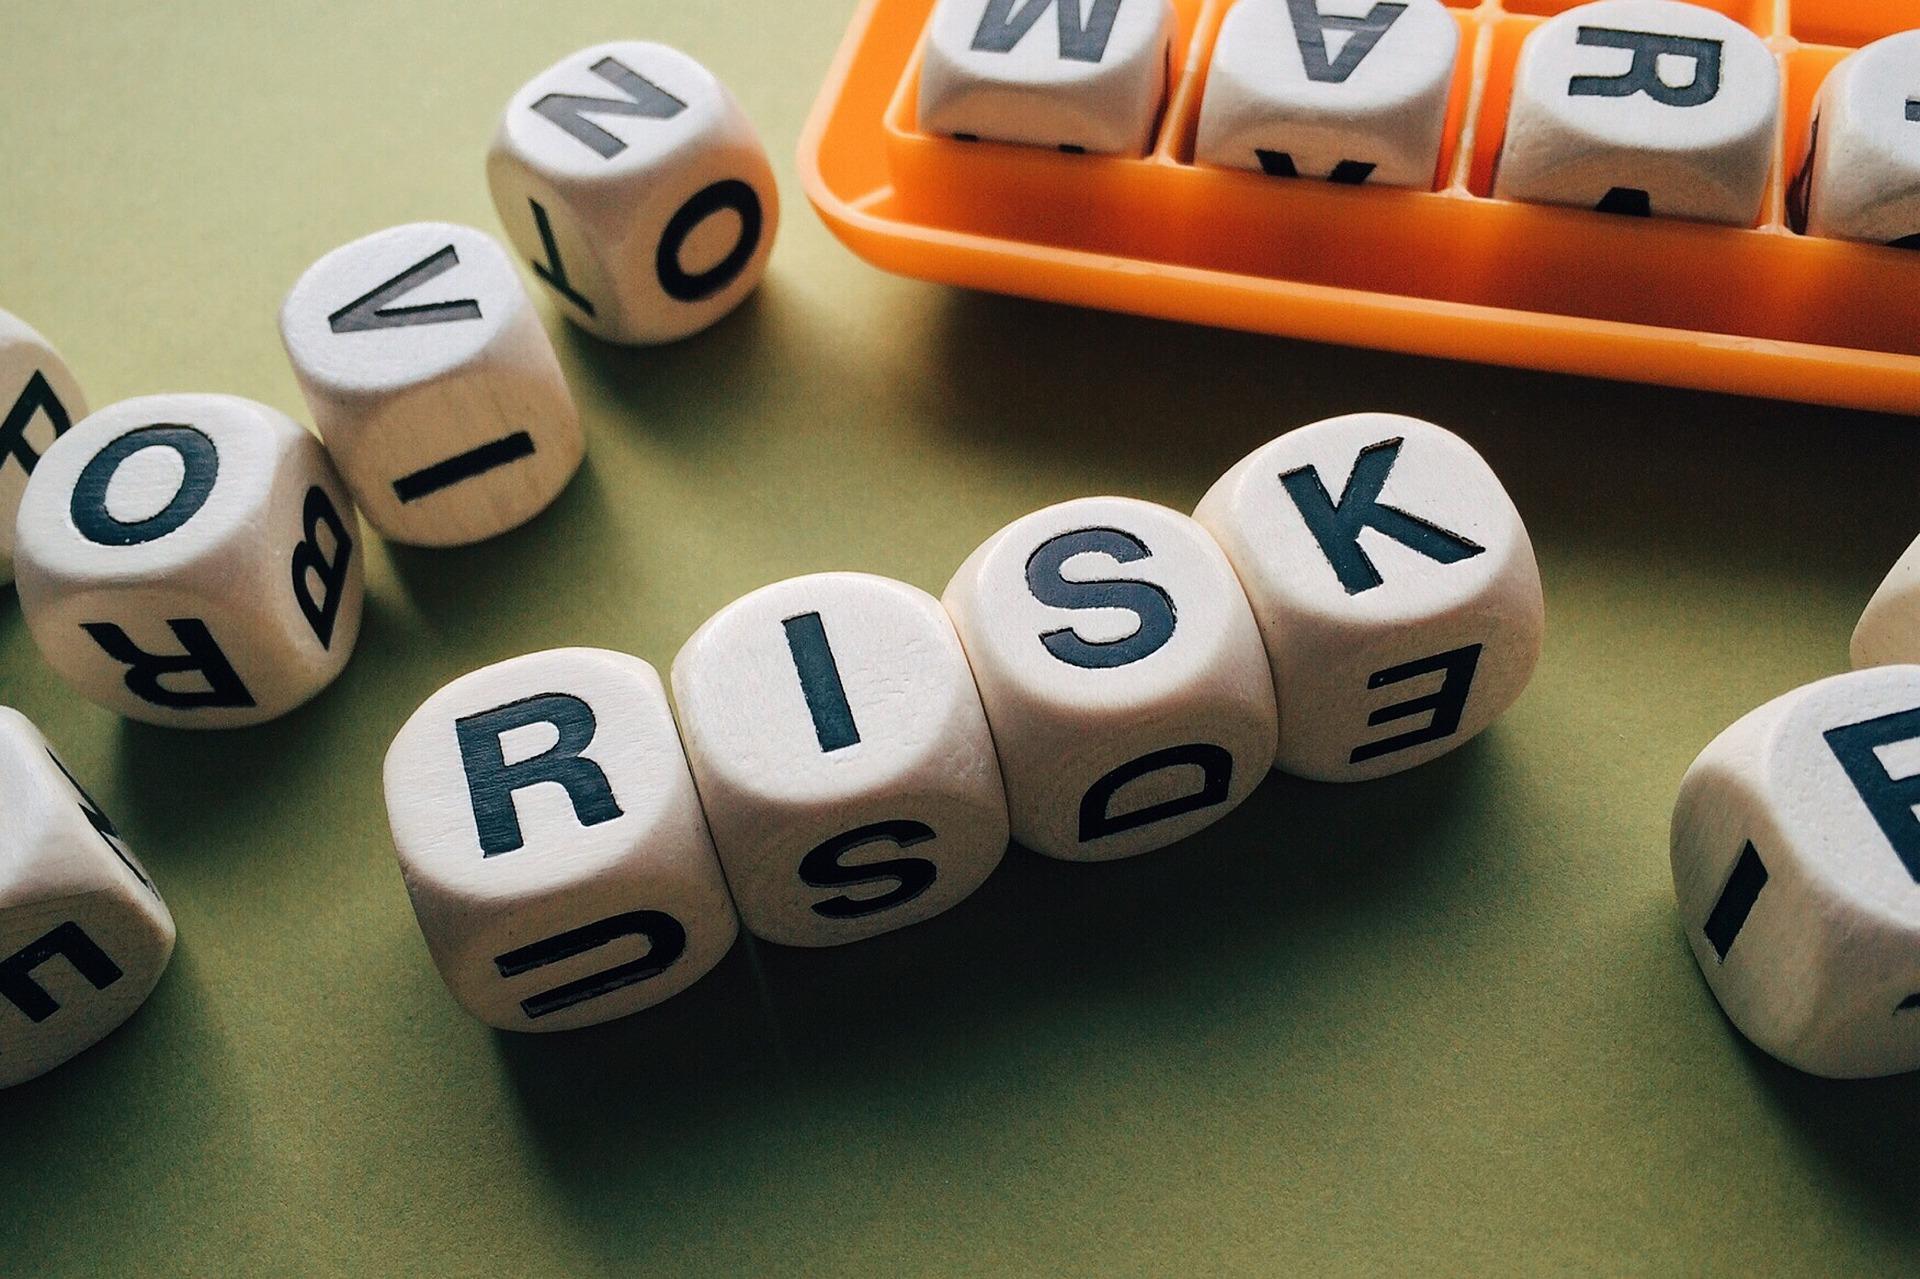 Risk! 21